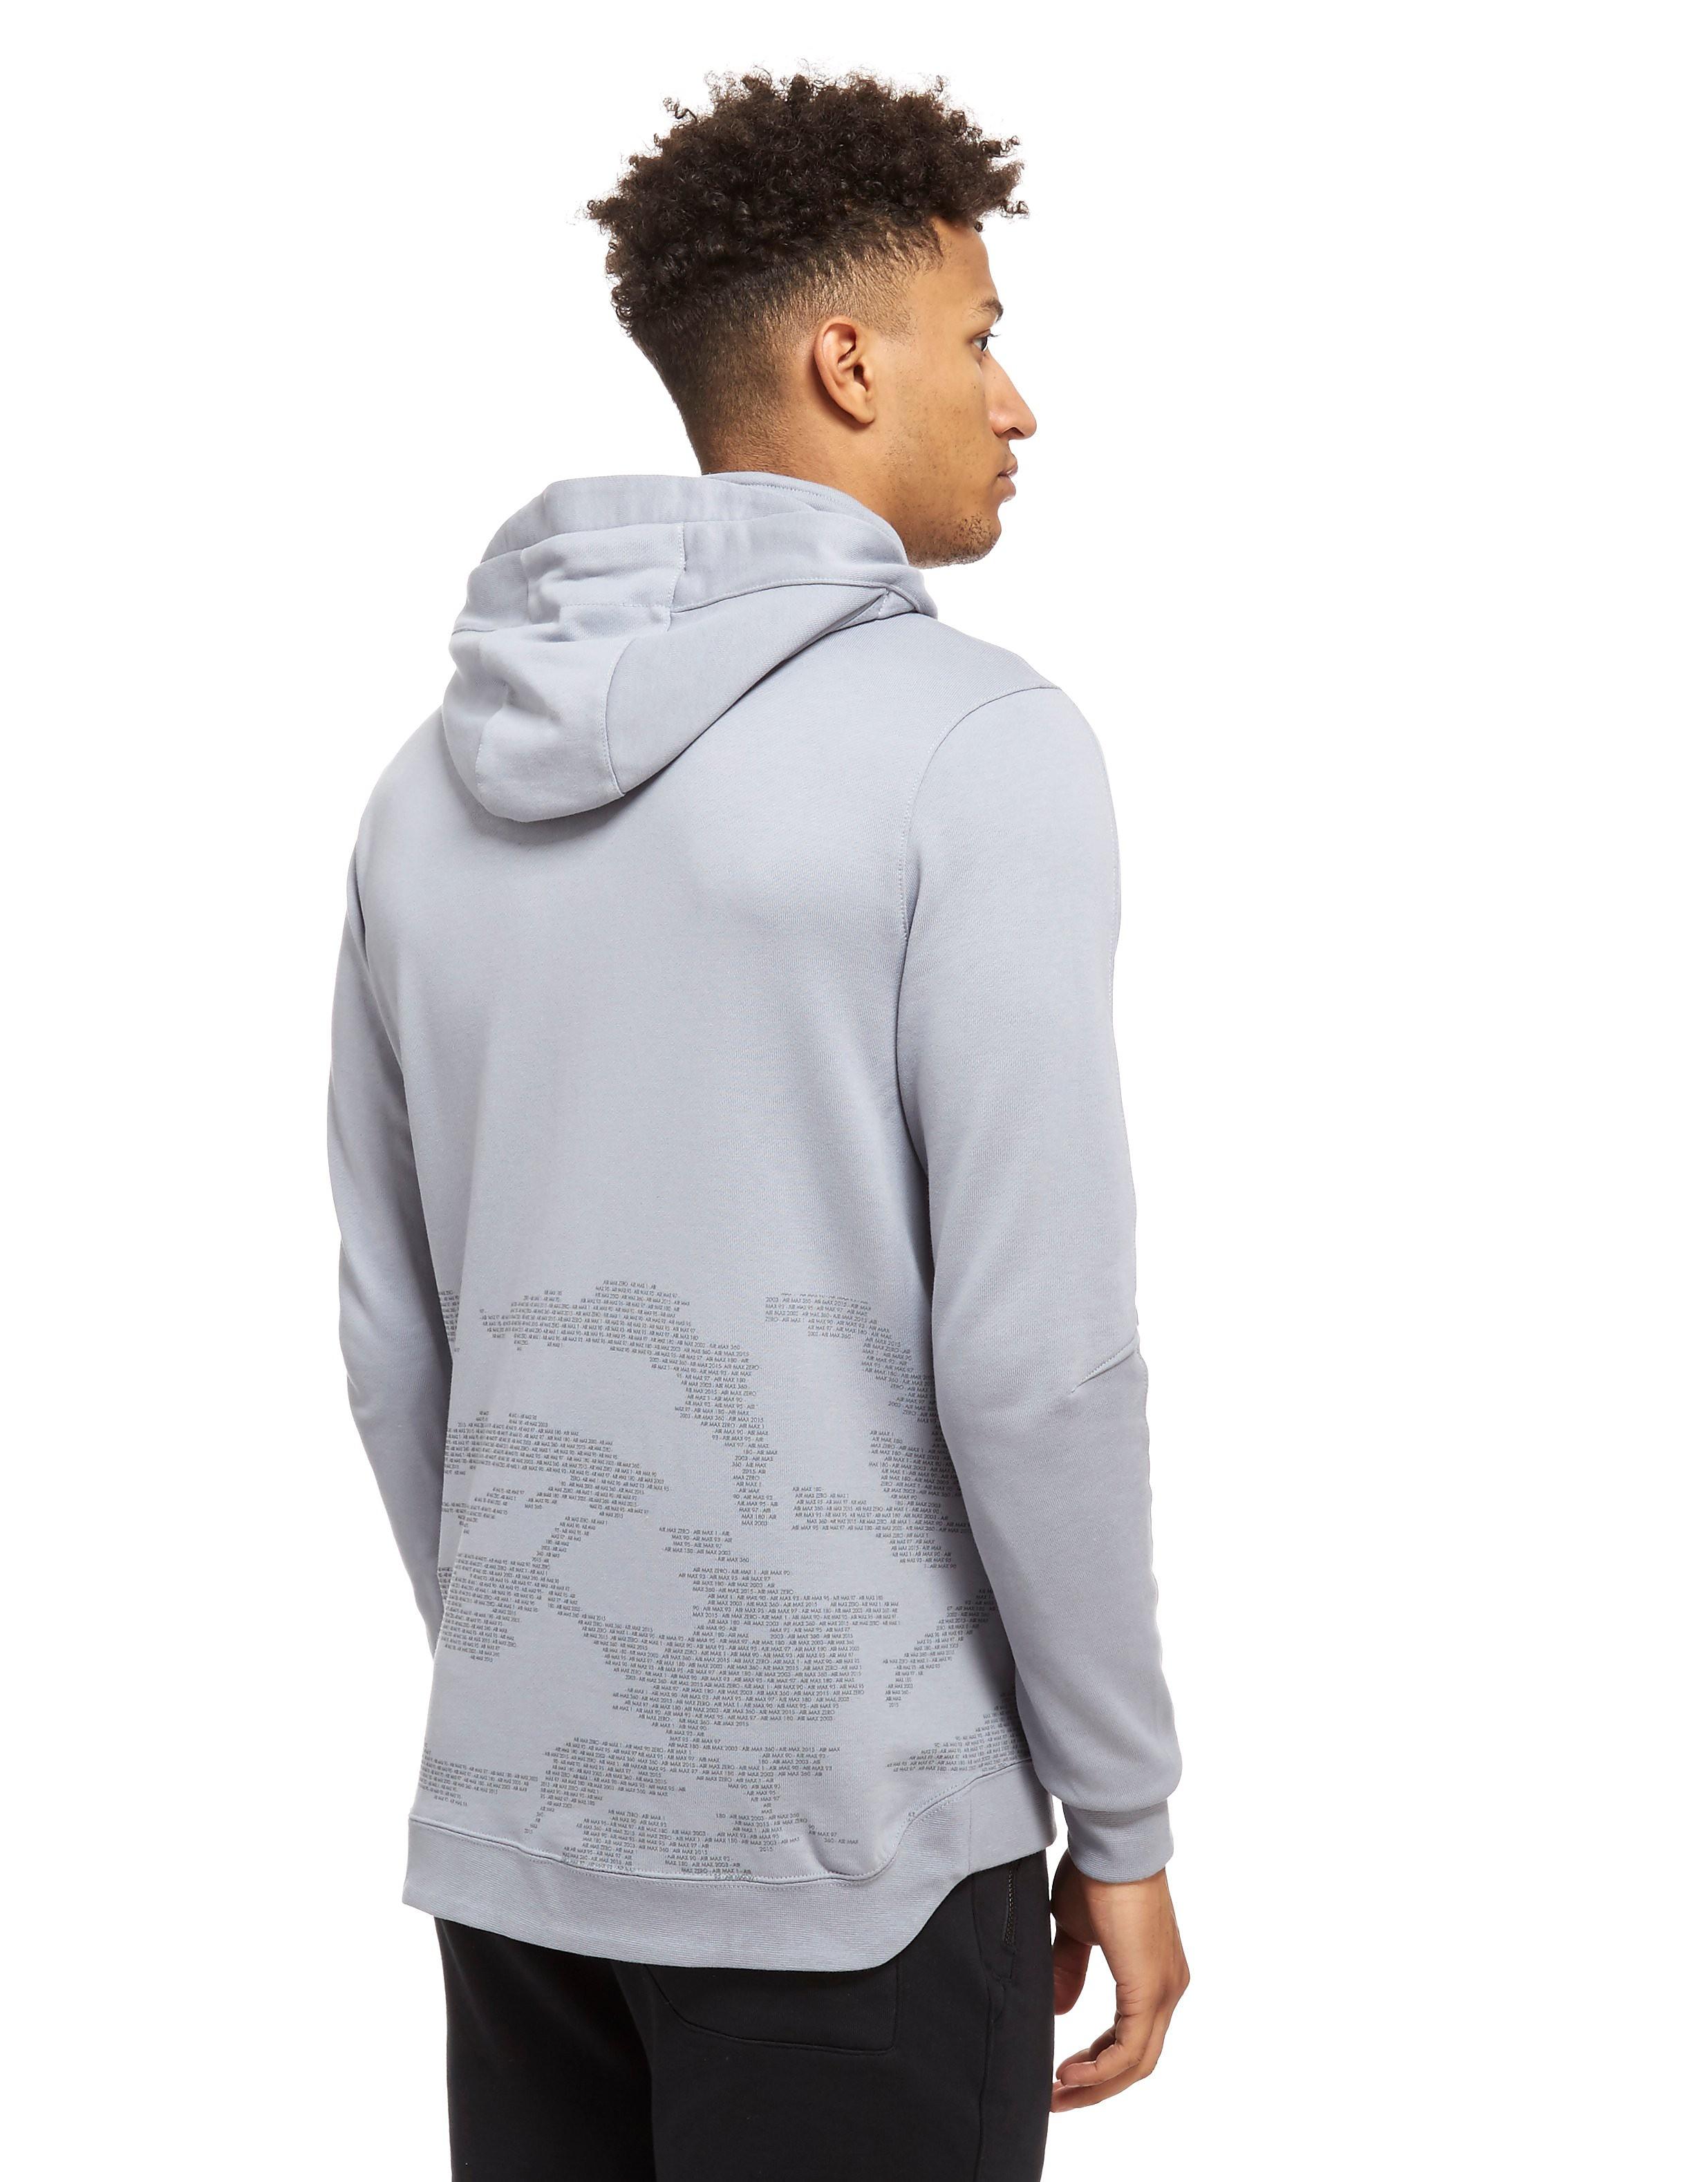 Nike Air Max FT Full Zip Hoody